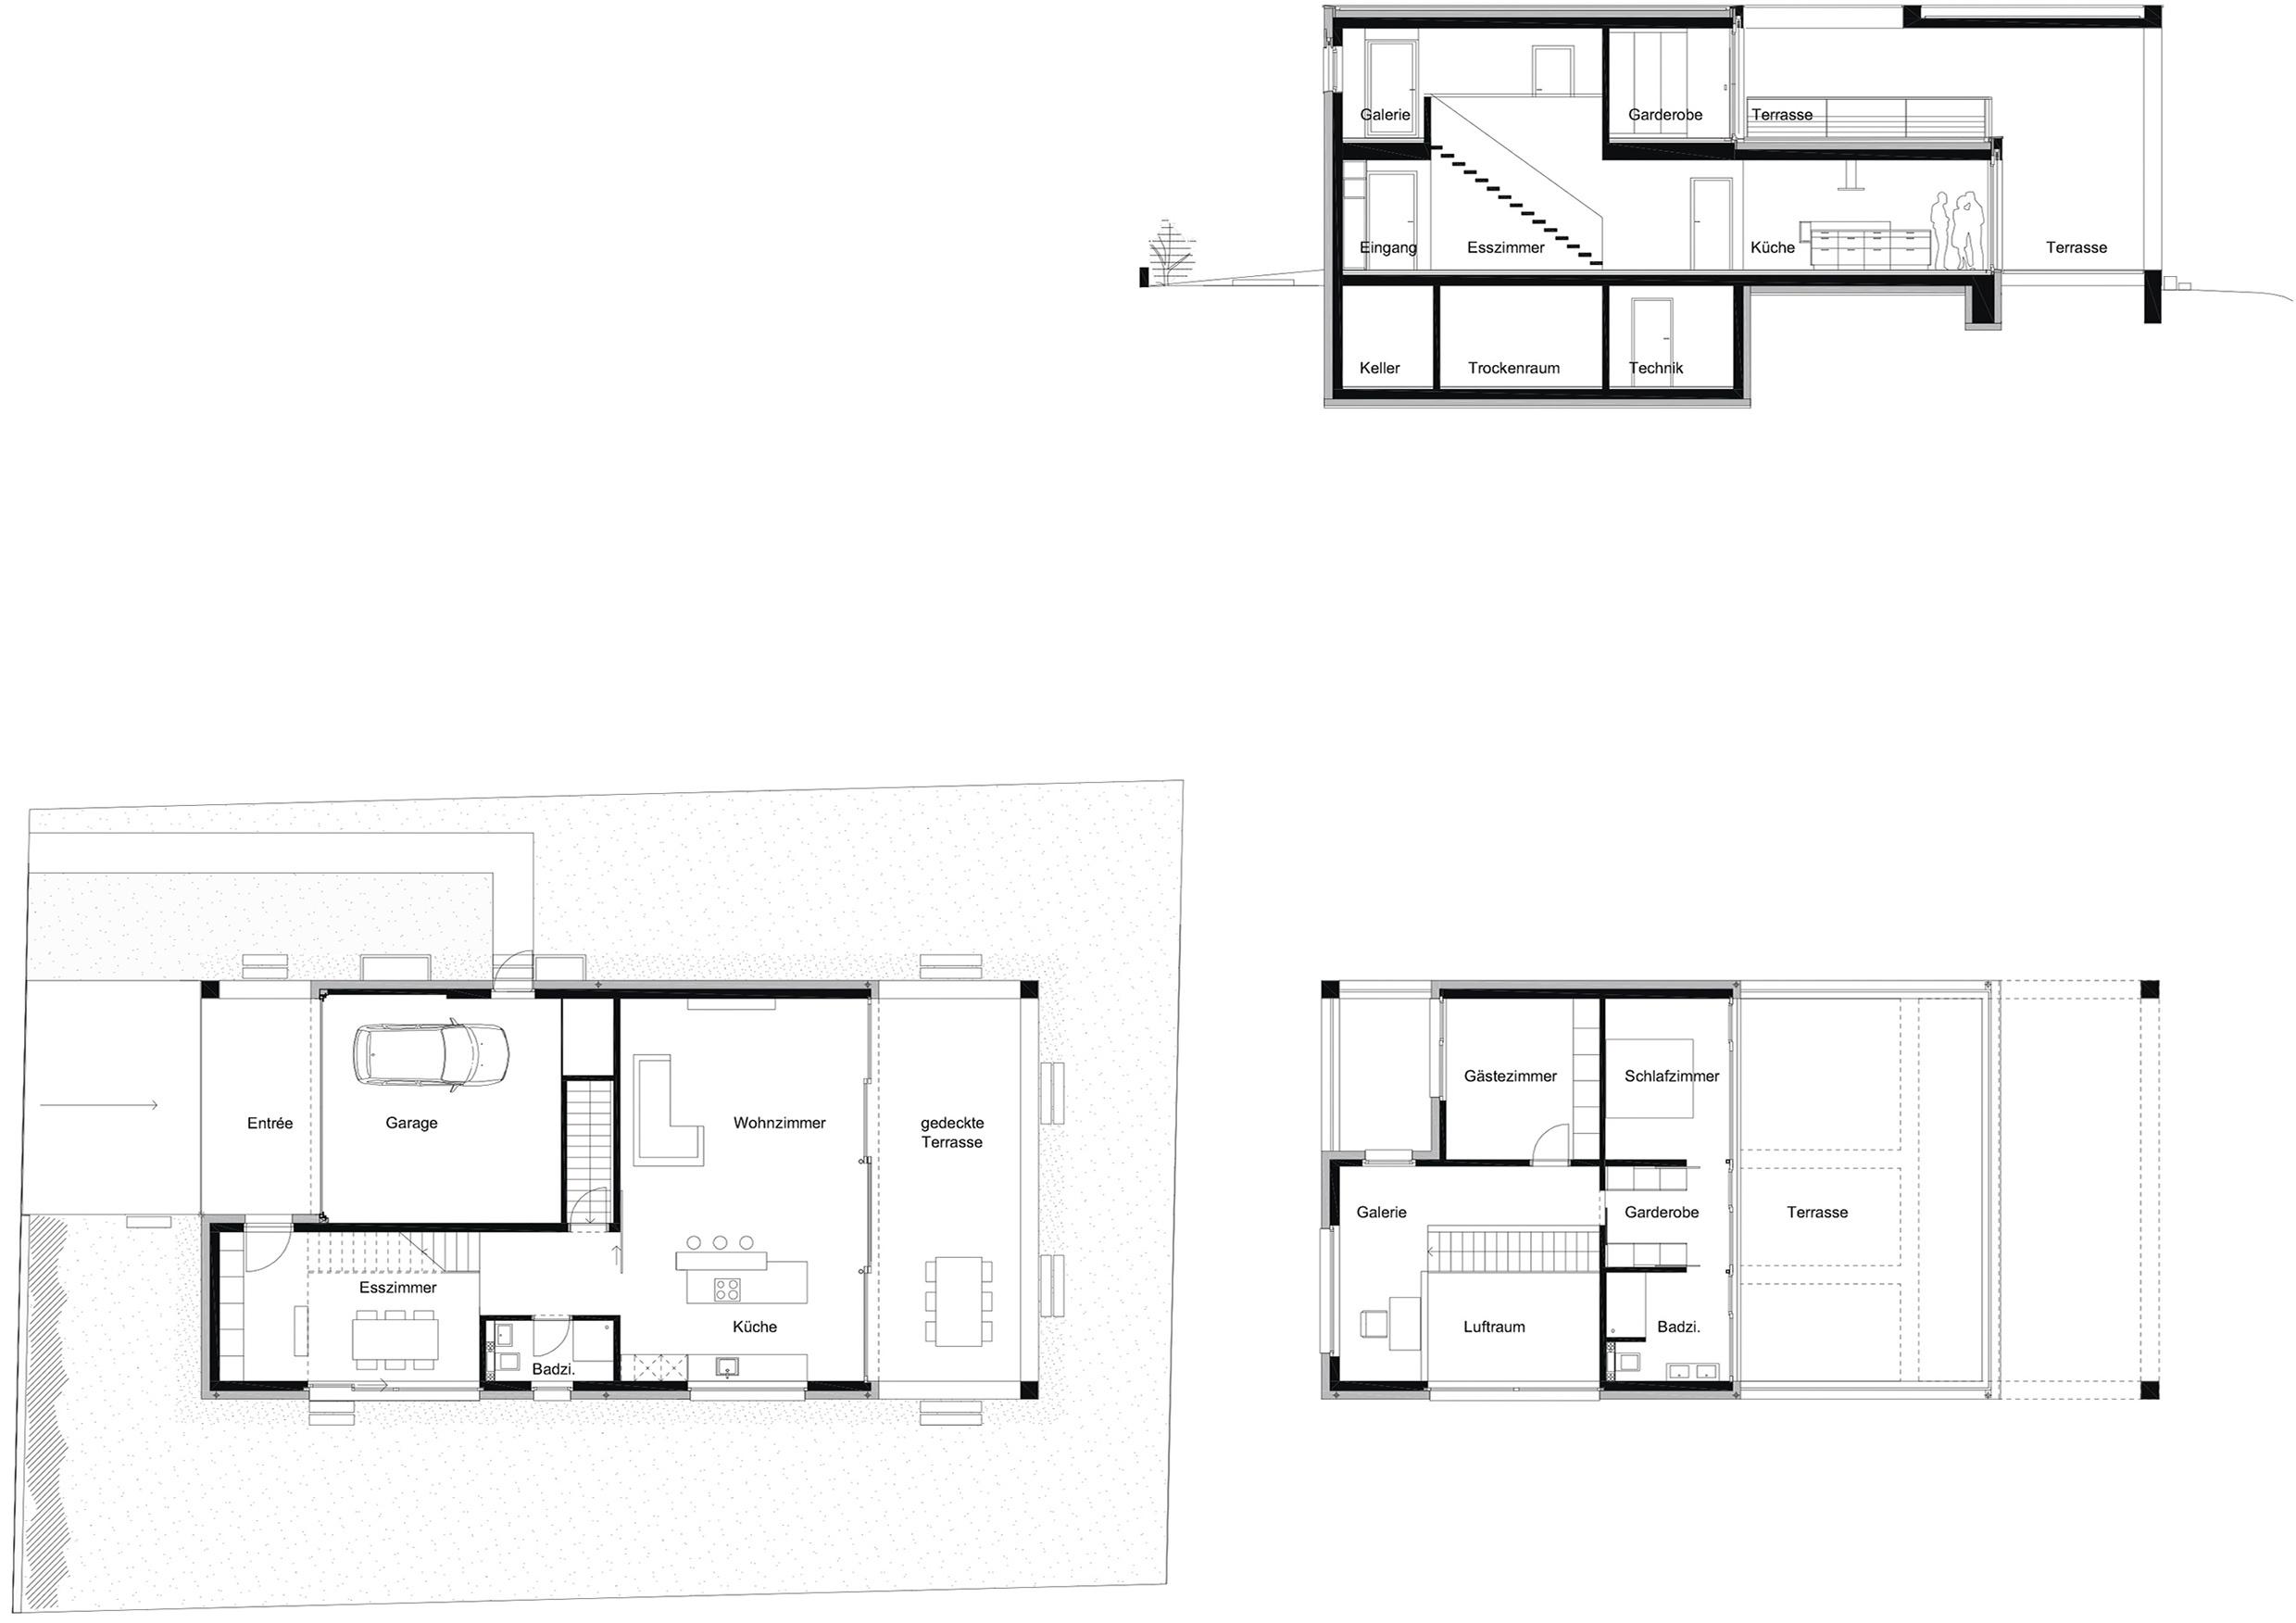 Längsschnitt, Grundriss Erdgeschoss, Grundriss Obergeschoss